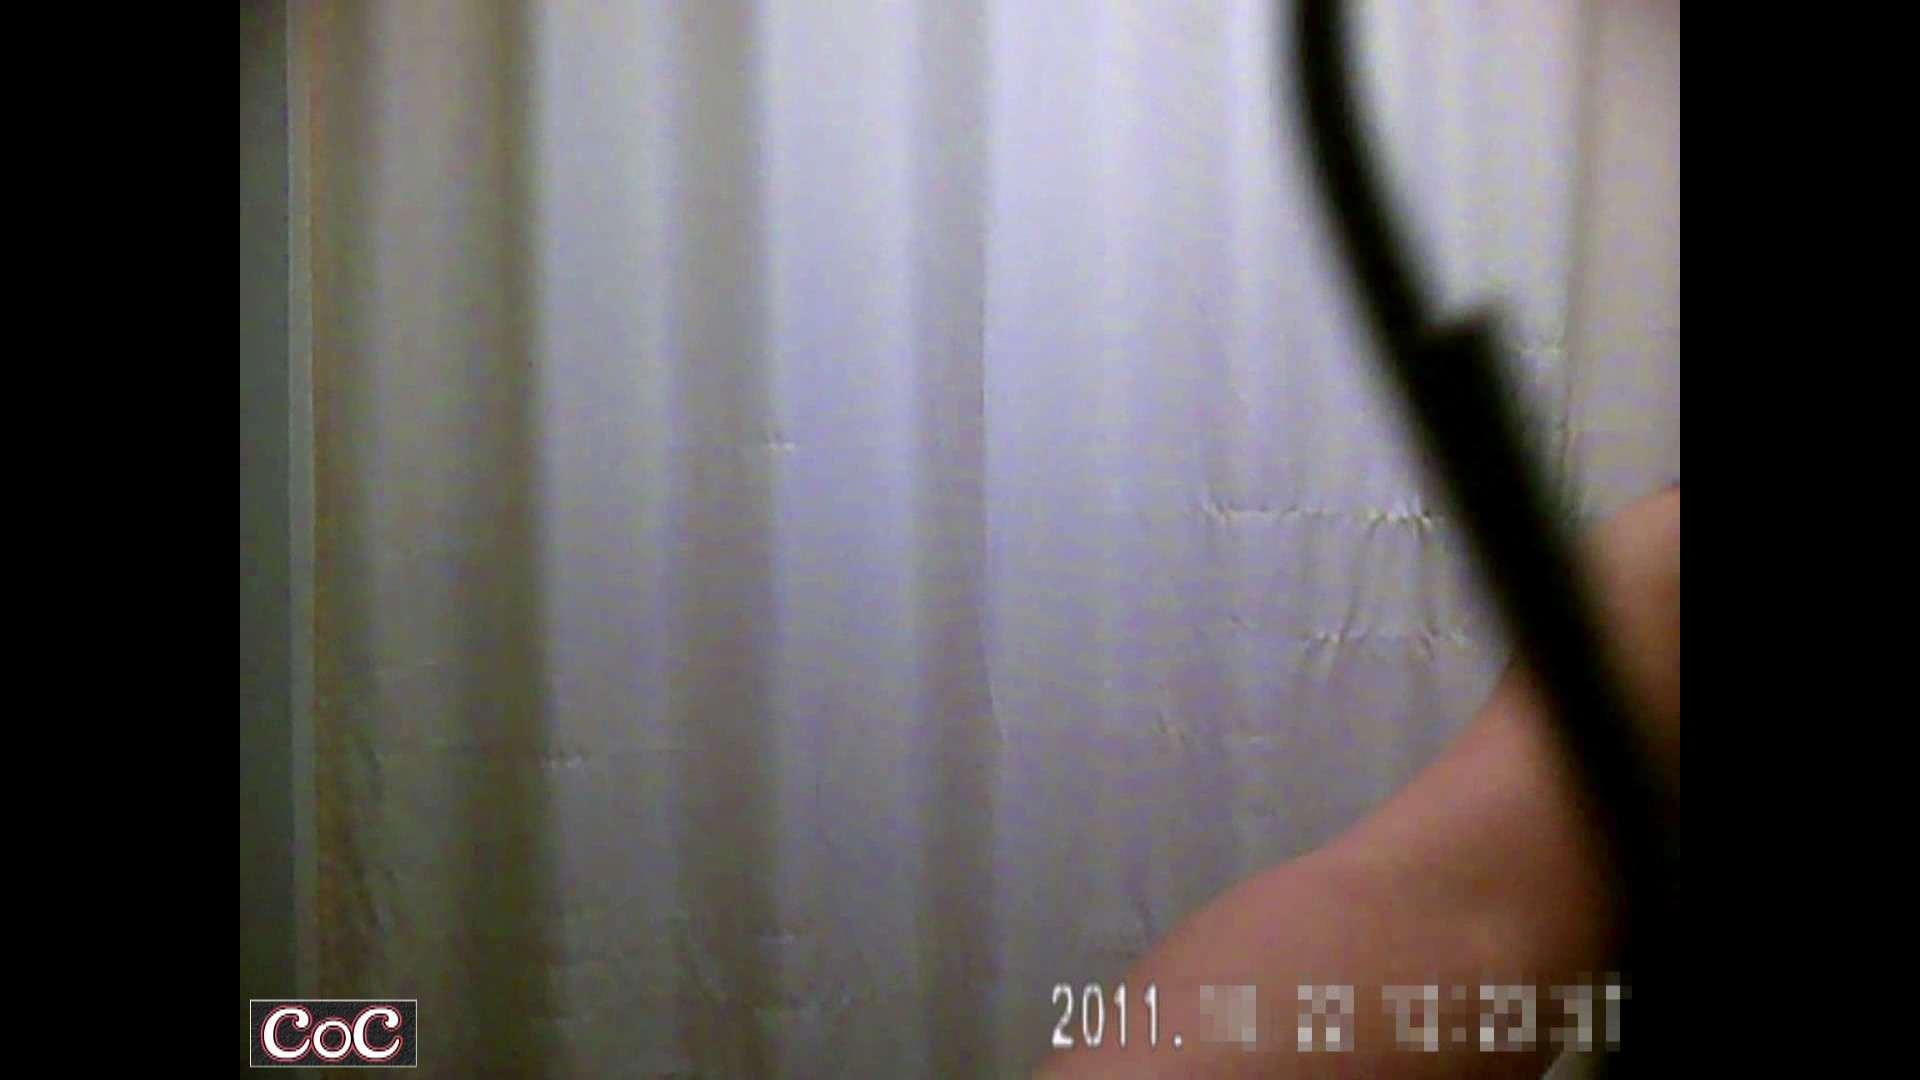 病院おもいっきり着替え! vol.68 乳首 盗み撮りSEX無修正画像 105連発 13